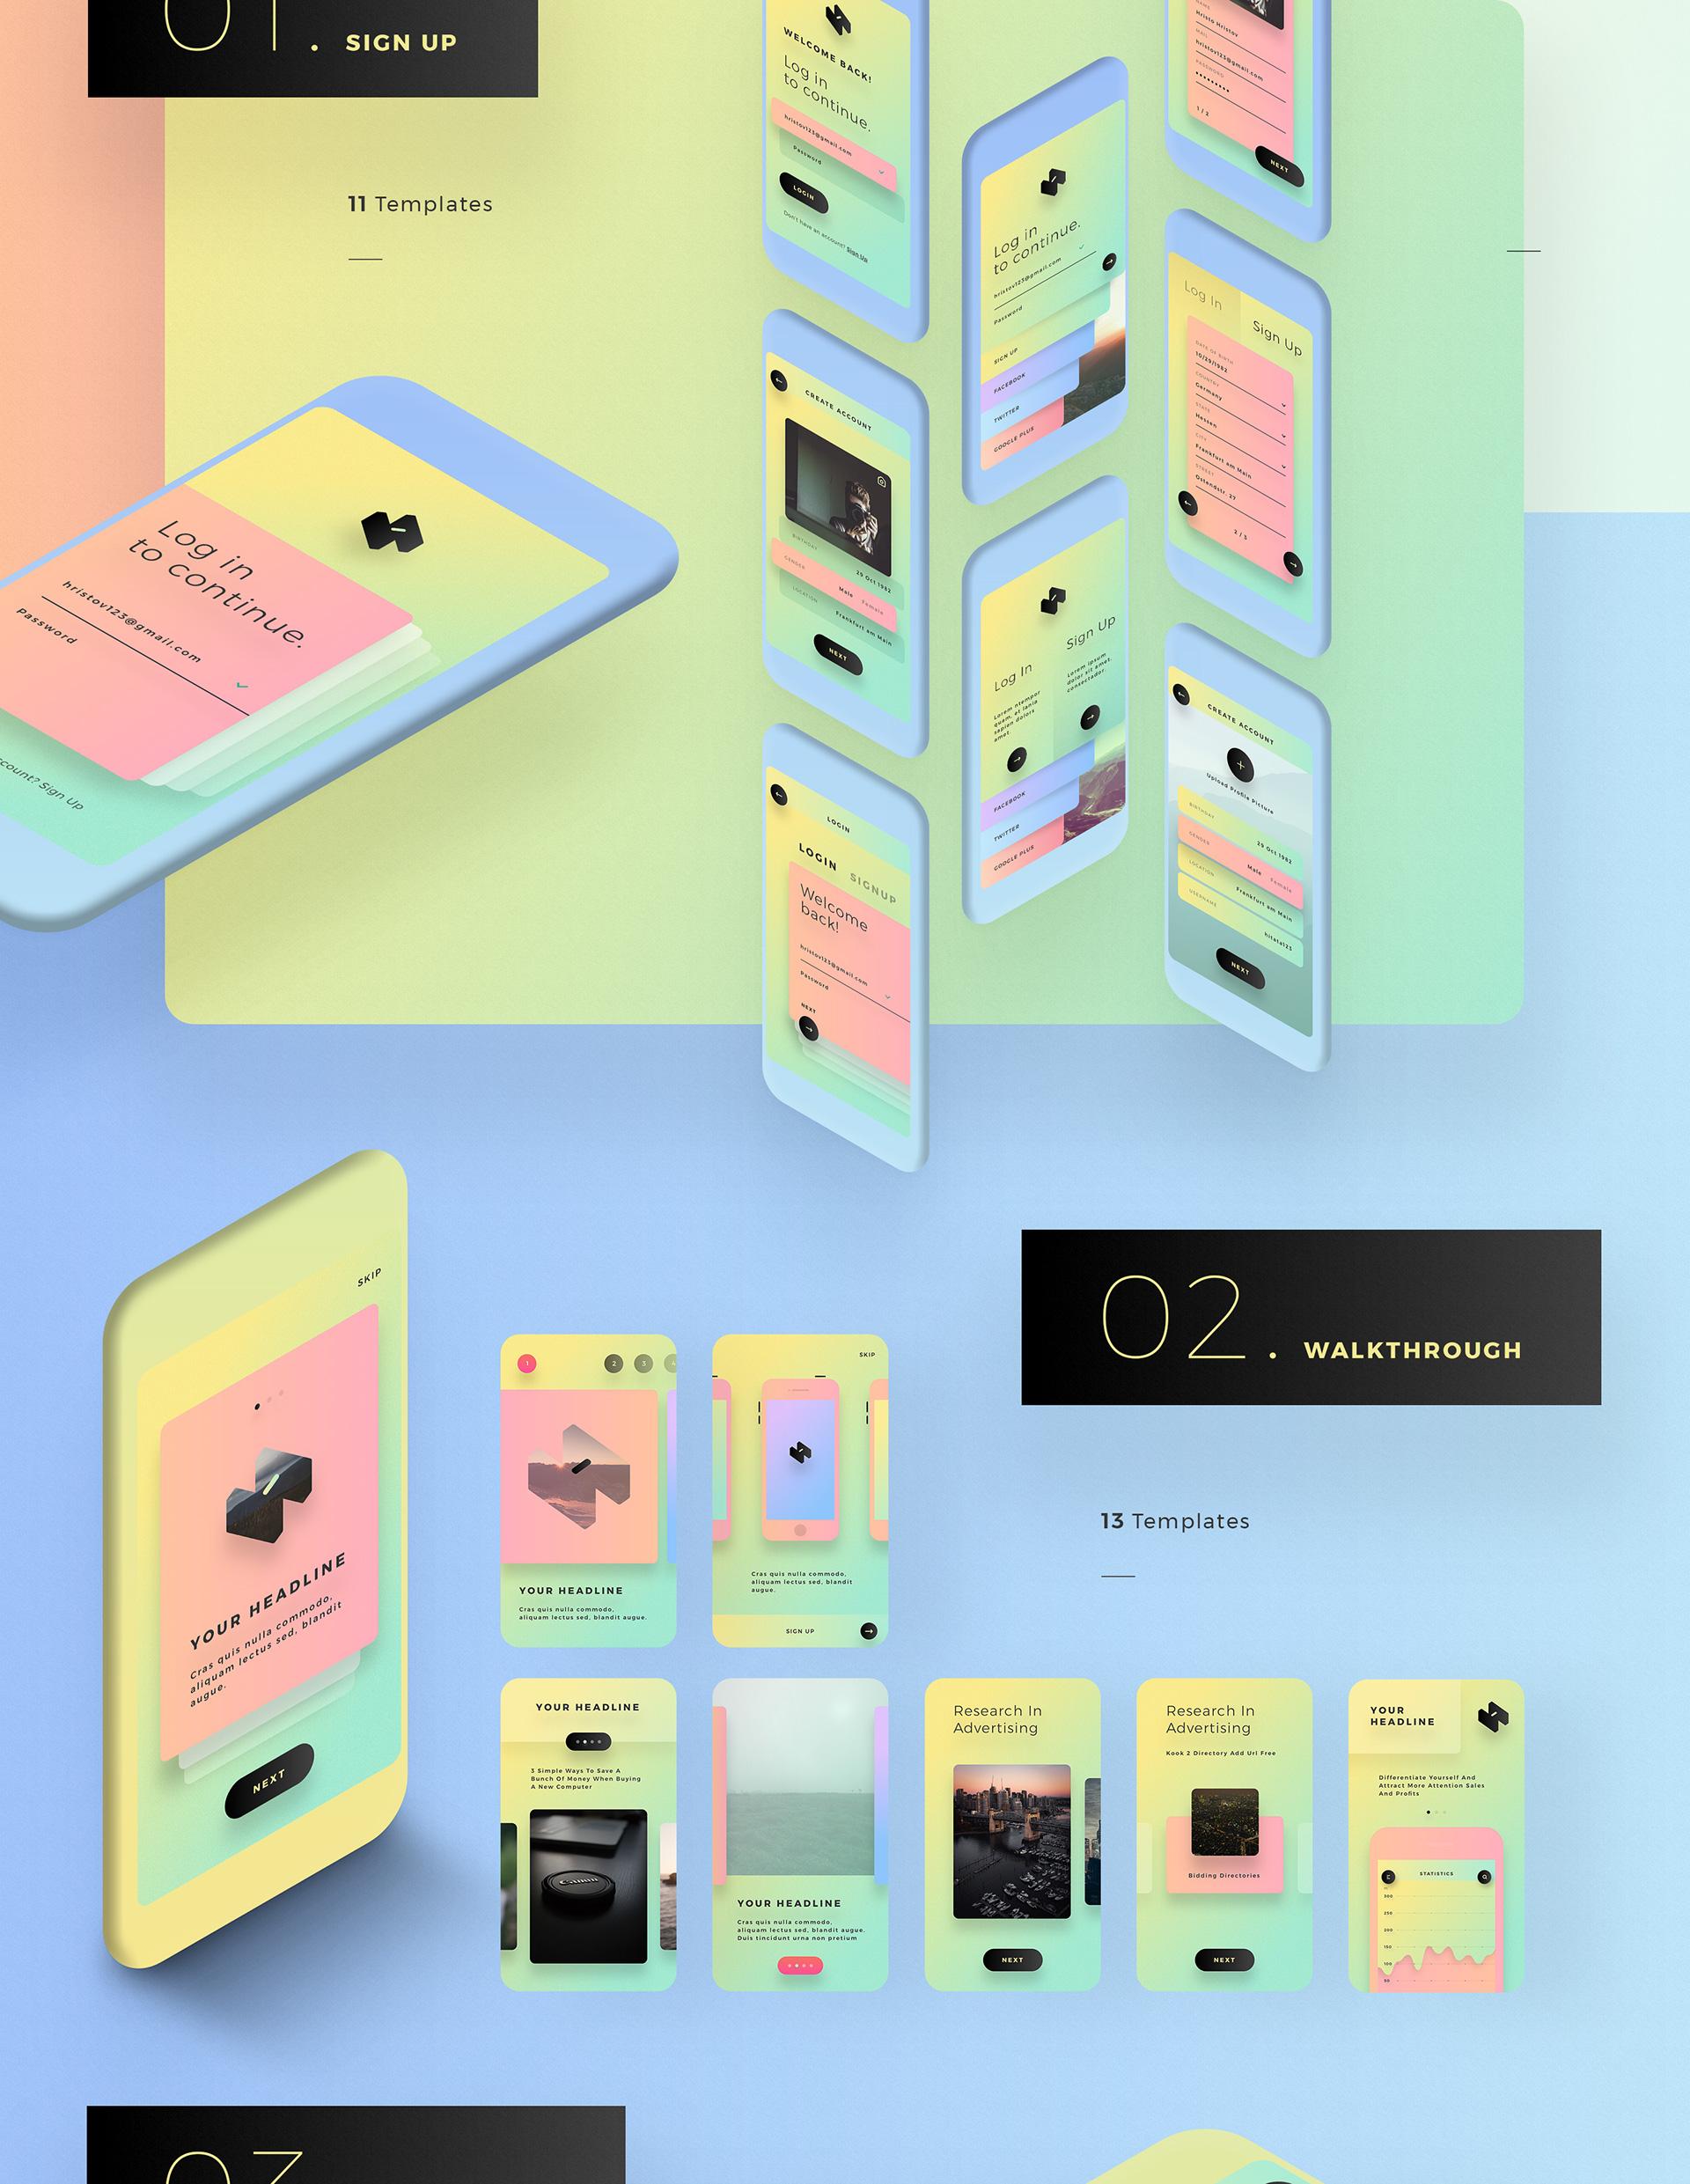 h1-free-mobile-ui-kit-03